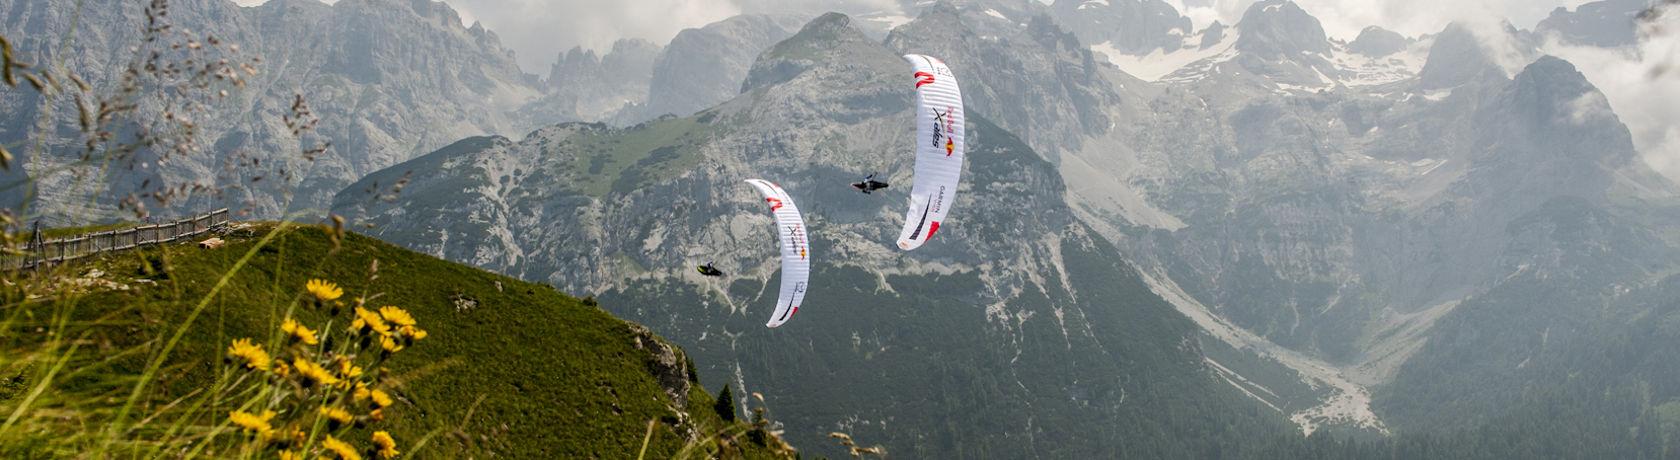 2 X-Alps Piloten im Wingover, Hintergrund Berge